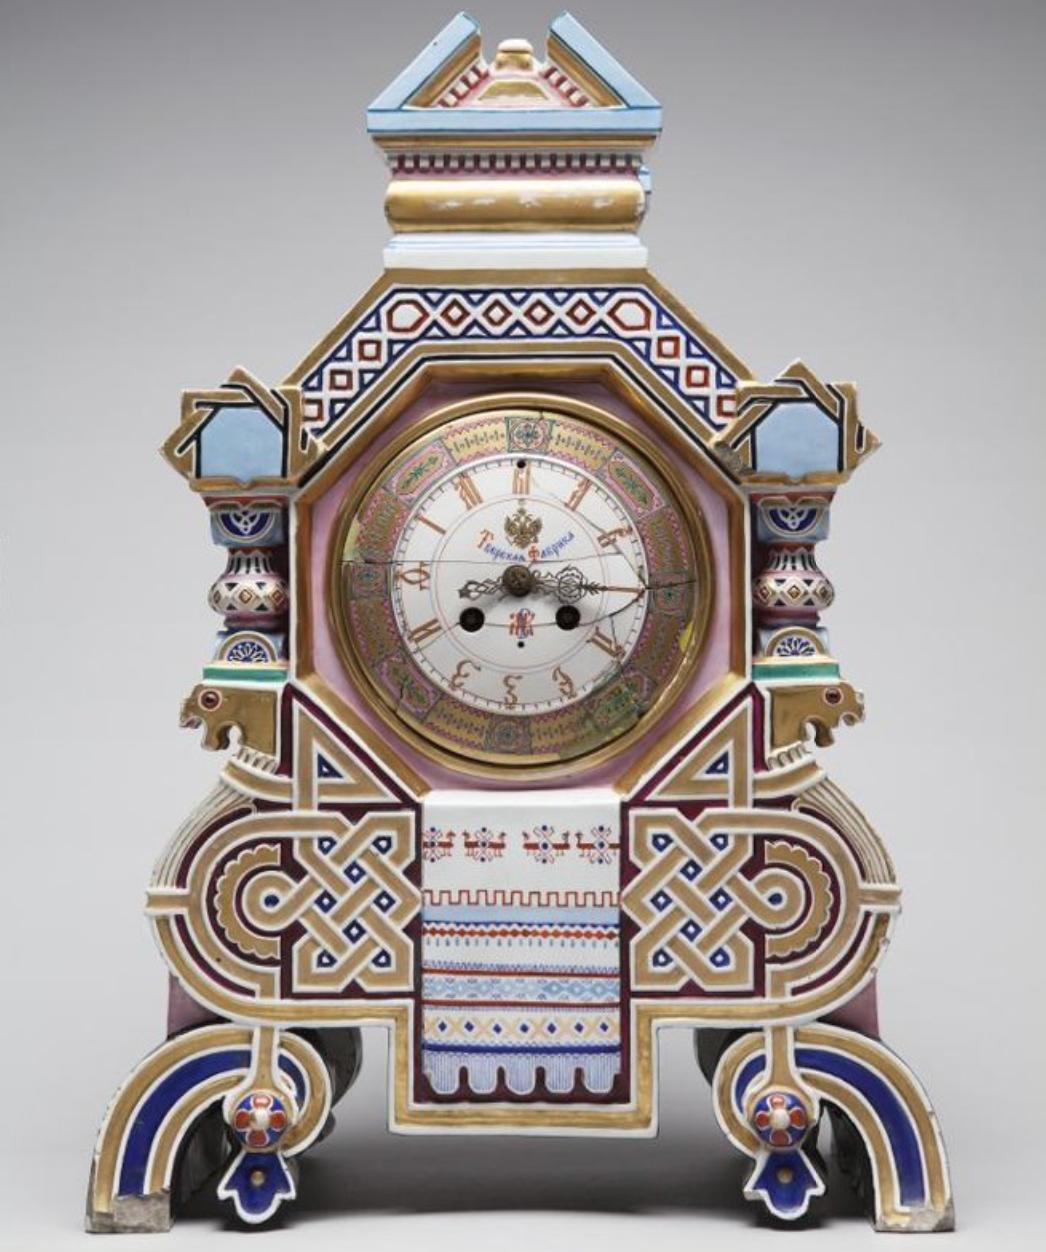 Часы в майоликовом футляре в форме терема. Заводы М.С. Кузнецова. 1872-1882 гг.